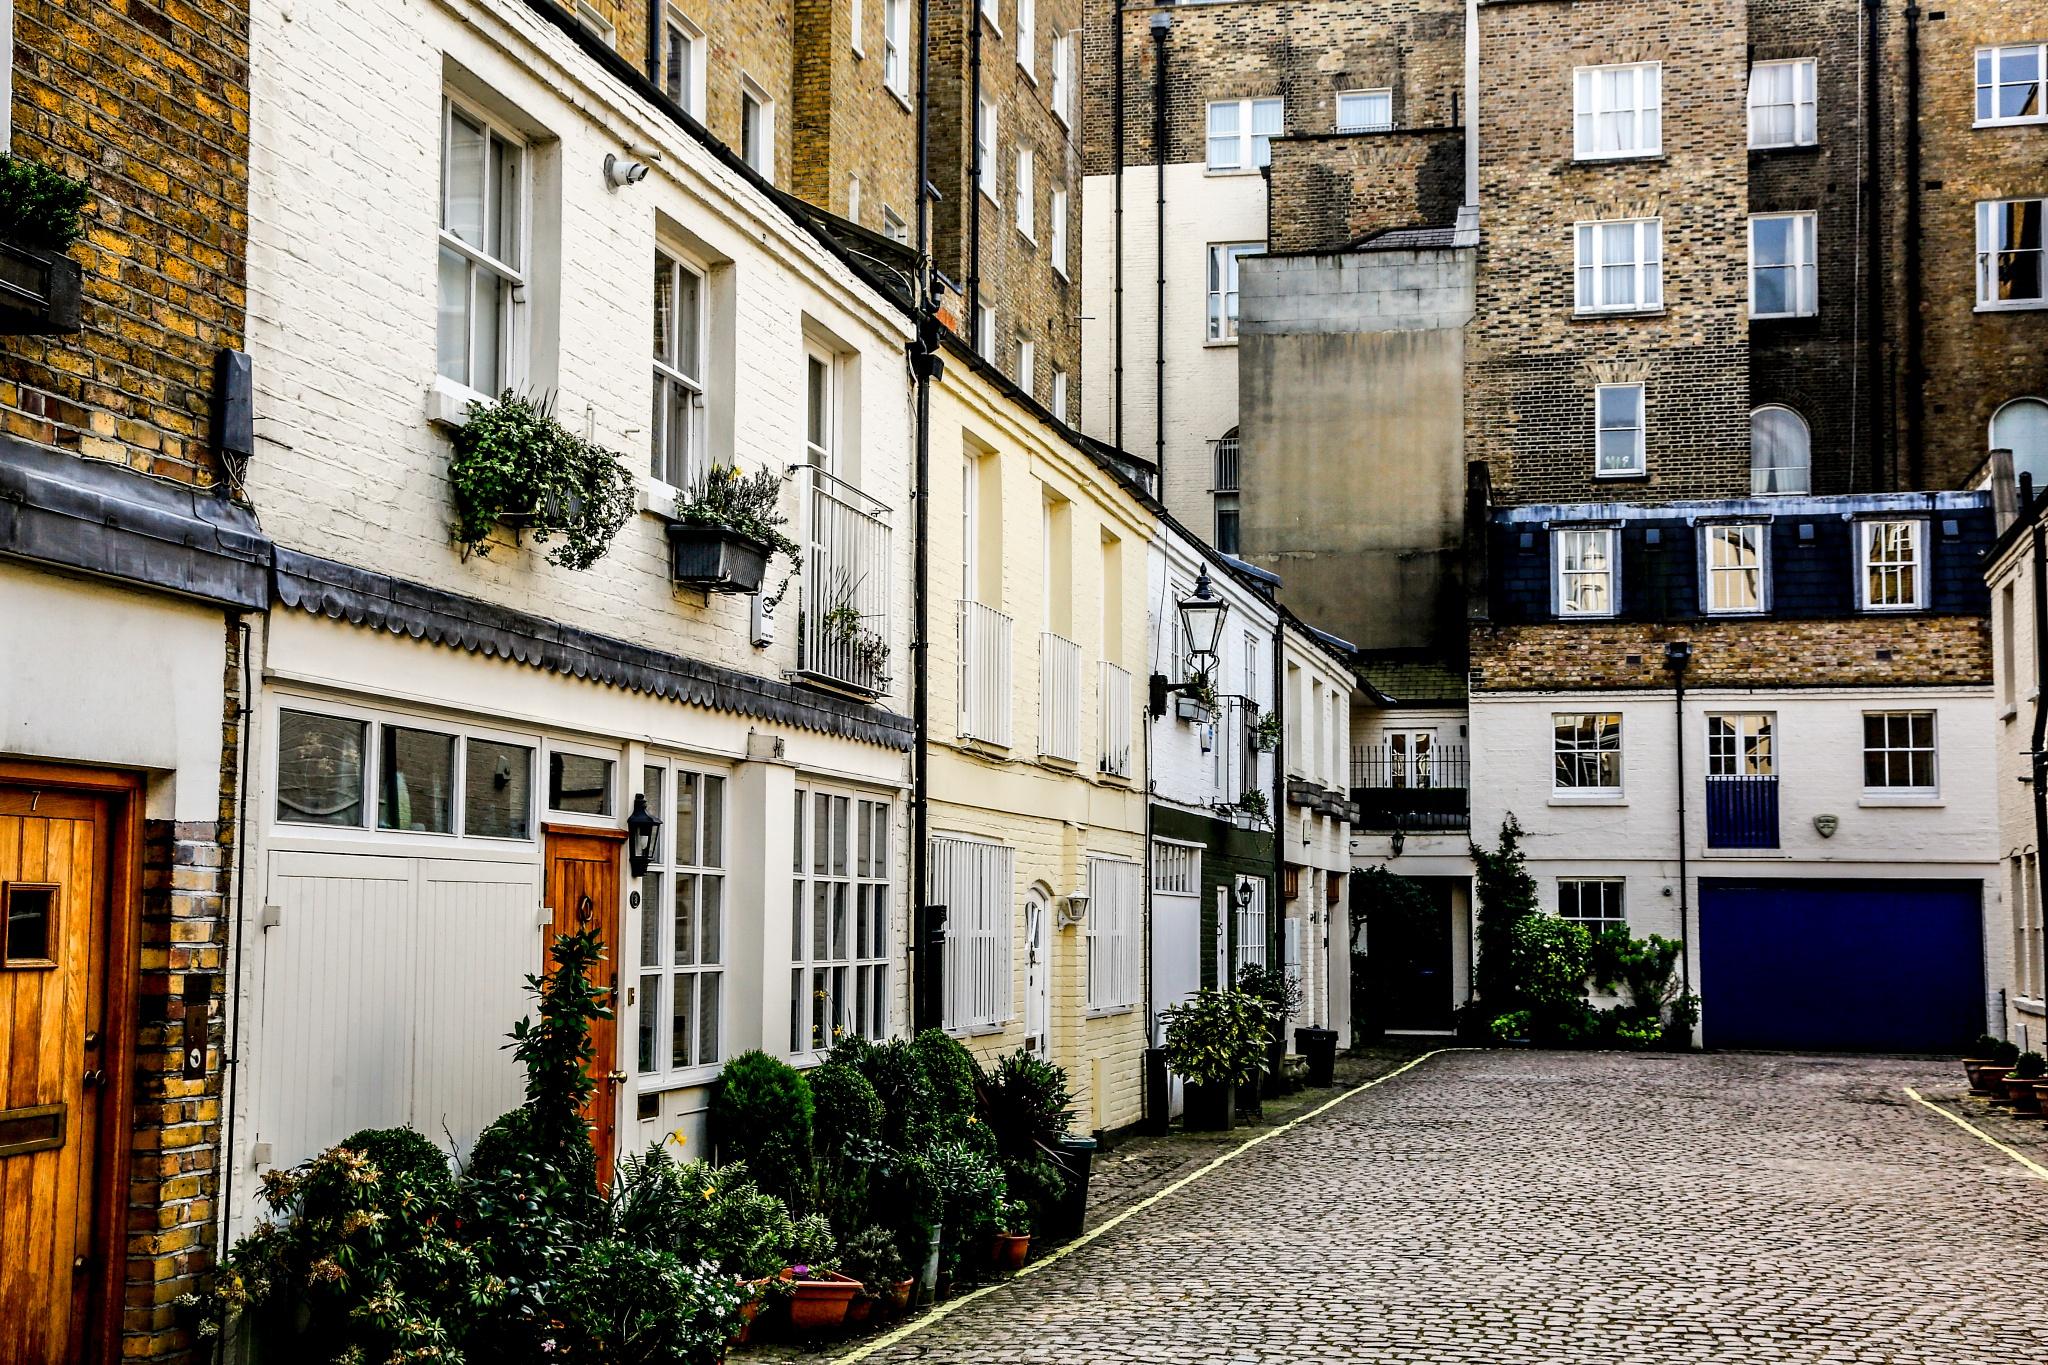 old London street by ad.kesteloo